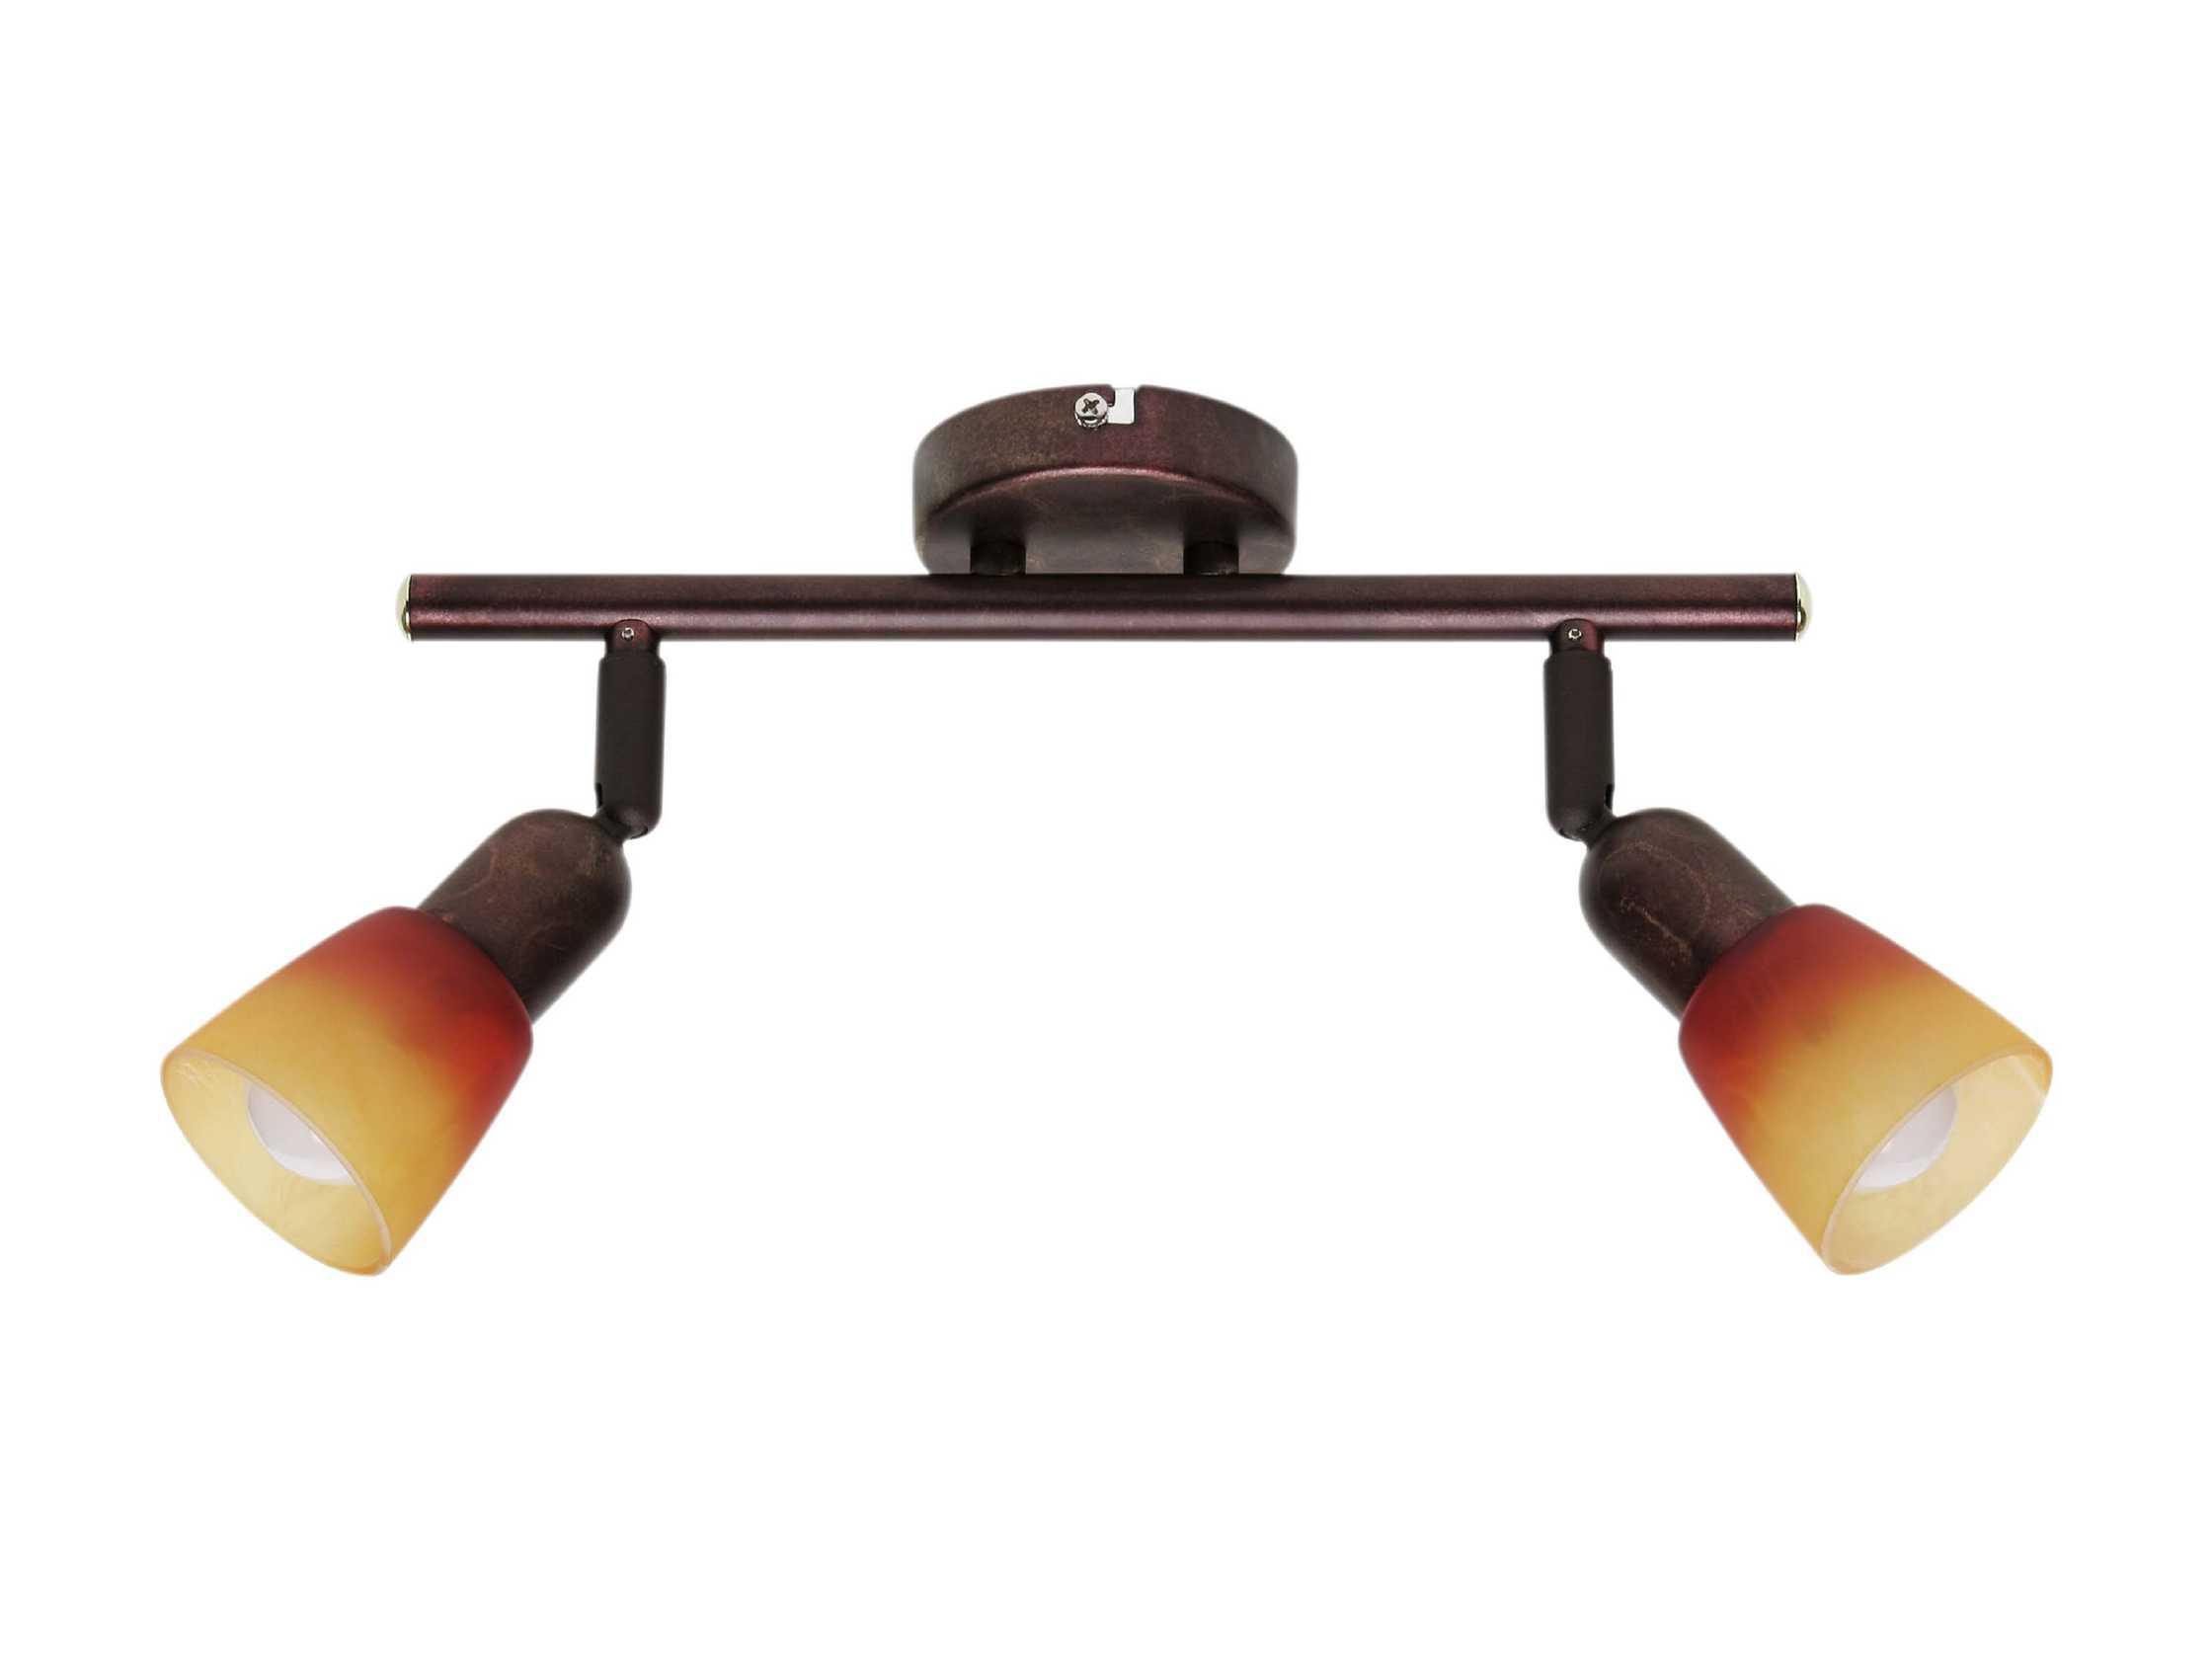 Лампа потолочная SofiaСпоты<br>&amp;lt;div&amp;gt;Цоколь: E14&amp;lt;/div&amp;gt;&amp;lt;div&amp;gt;Мощность лампы: 40W&amp;lt;/div&amp;gt;&amp;lt;div&amp;gt;Количество ламп: 2&amp;lt;/div&amp;gt;&amp;lt;div&amp;gt;Наличие ламп: отсутствуют&amp;lt;/div&amp;gt;<br><br>Material: Стекло<br>Width см: 33<br>Depth см: 10<br>Height см: 21,5